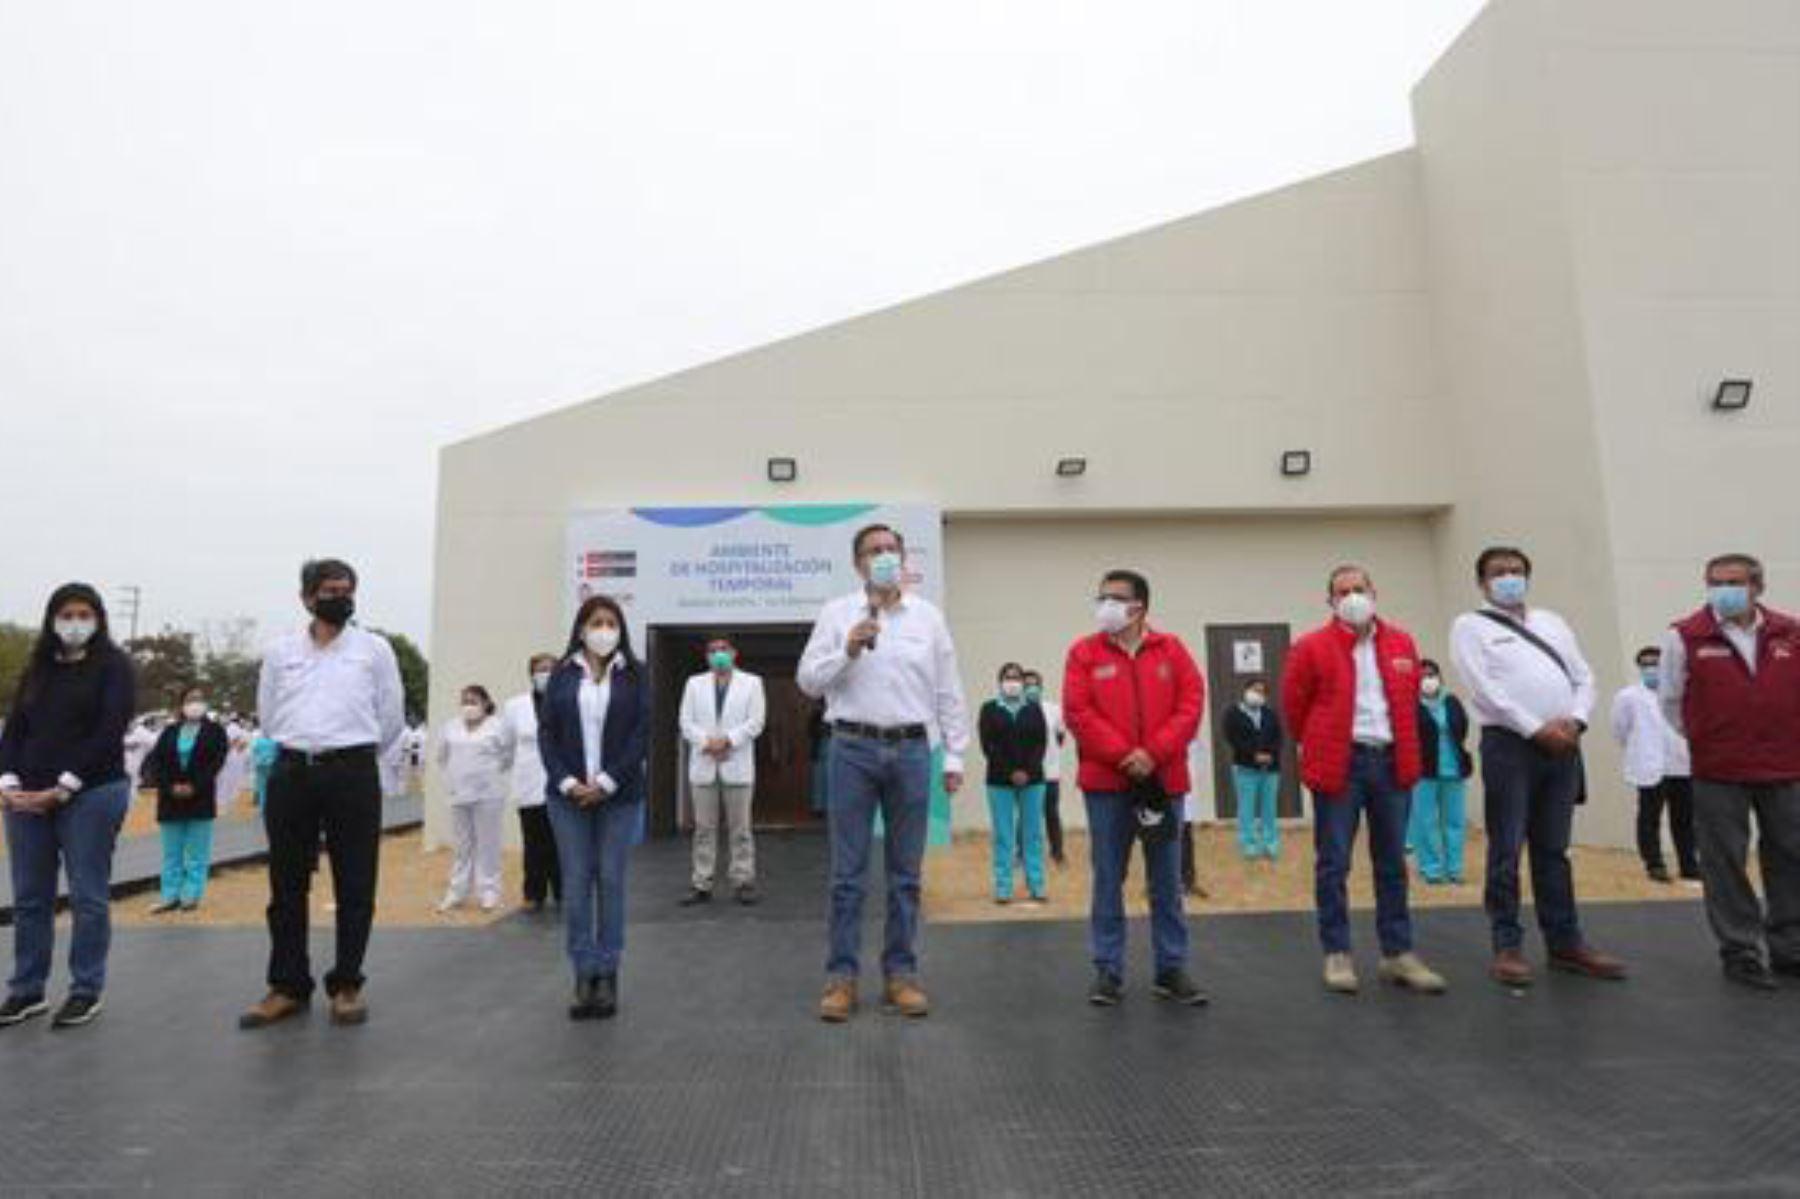 Con una inversión superior a los S/ 565.1 millones se ejecutarán obras de conservación vial en La Libertad, Lambayeque, Piura y Tumbes. Foto: ANDINA/Difusión